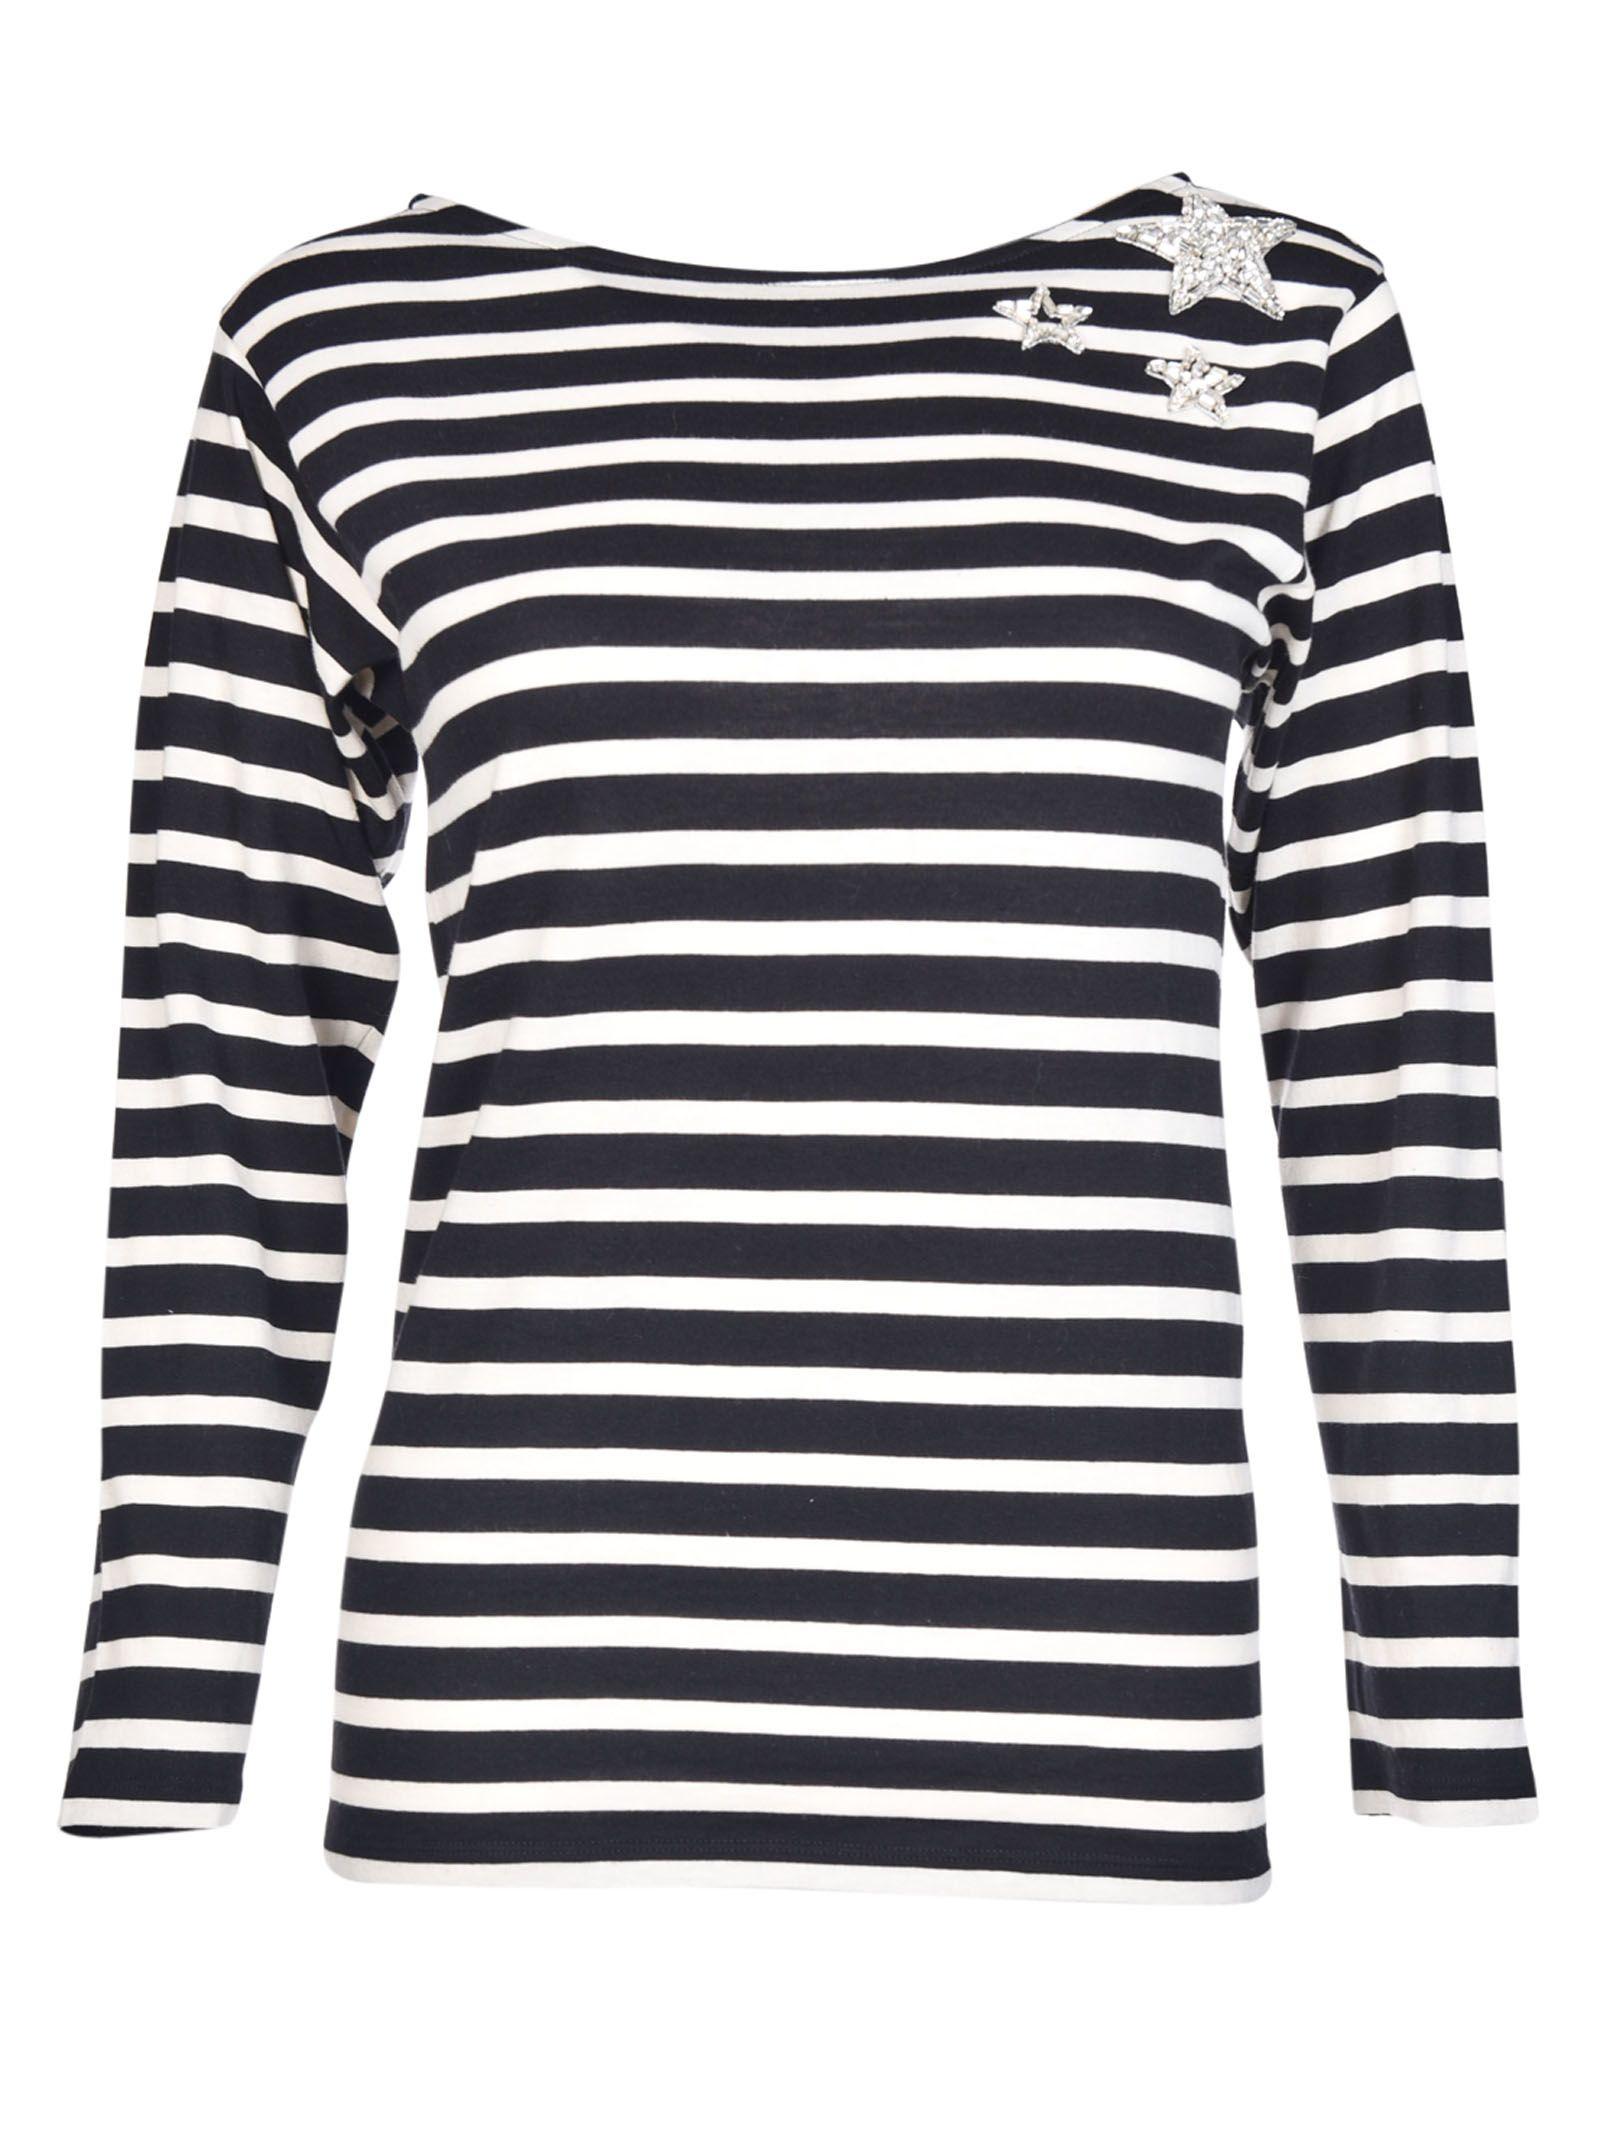 Saint Laurent - Saint Laurent Striped Sweater - Black/White ...